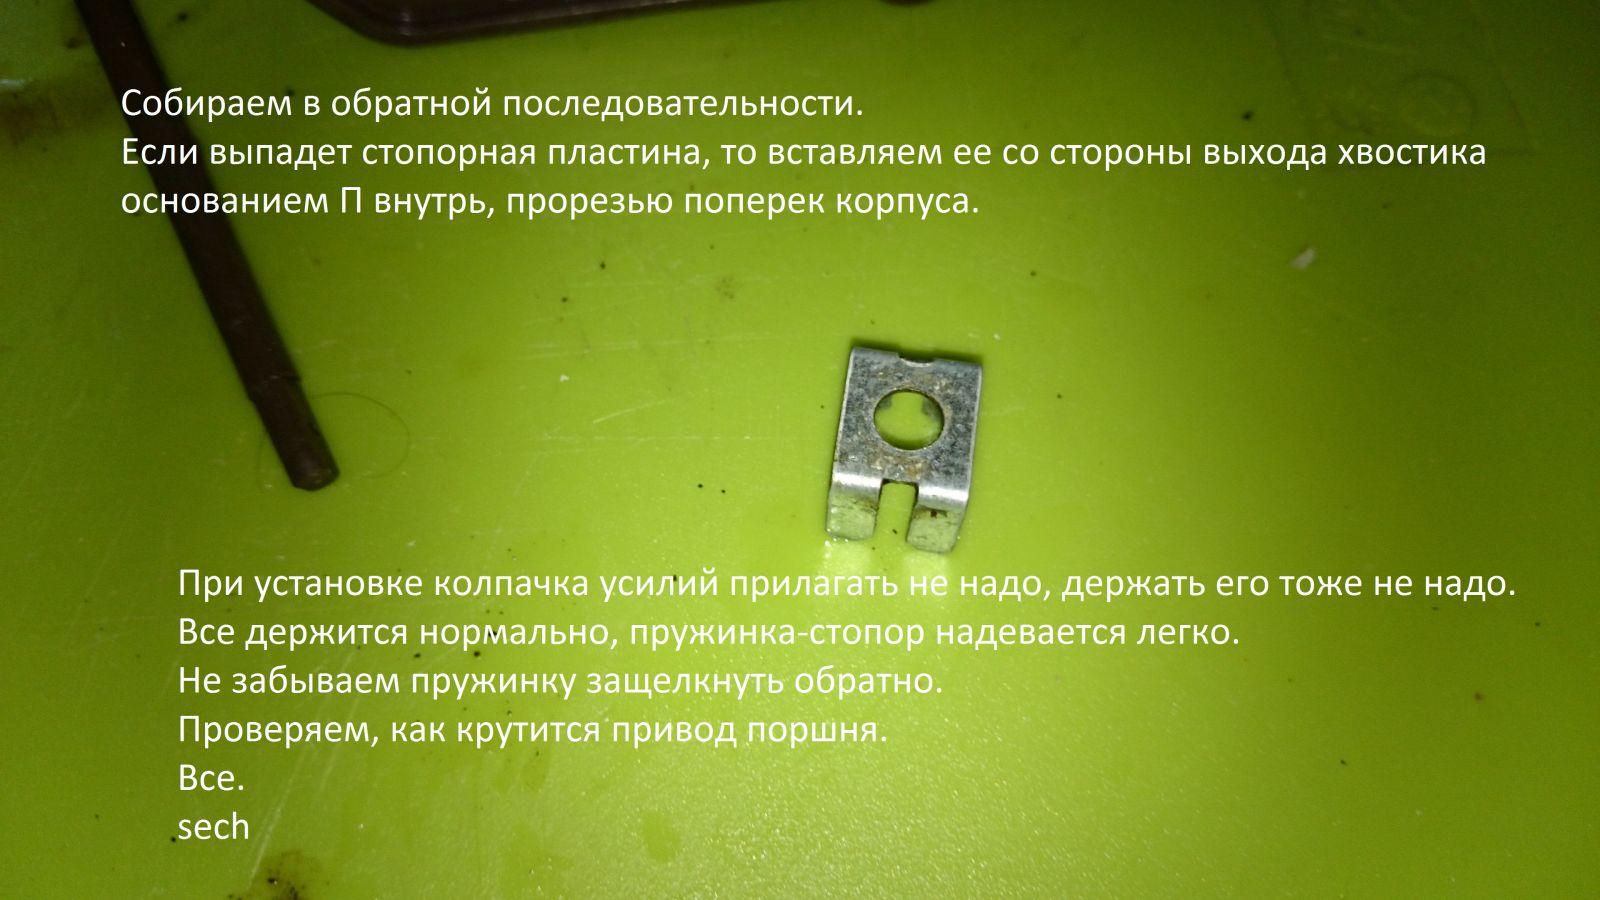 JofKV 9